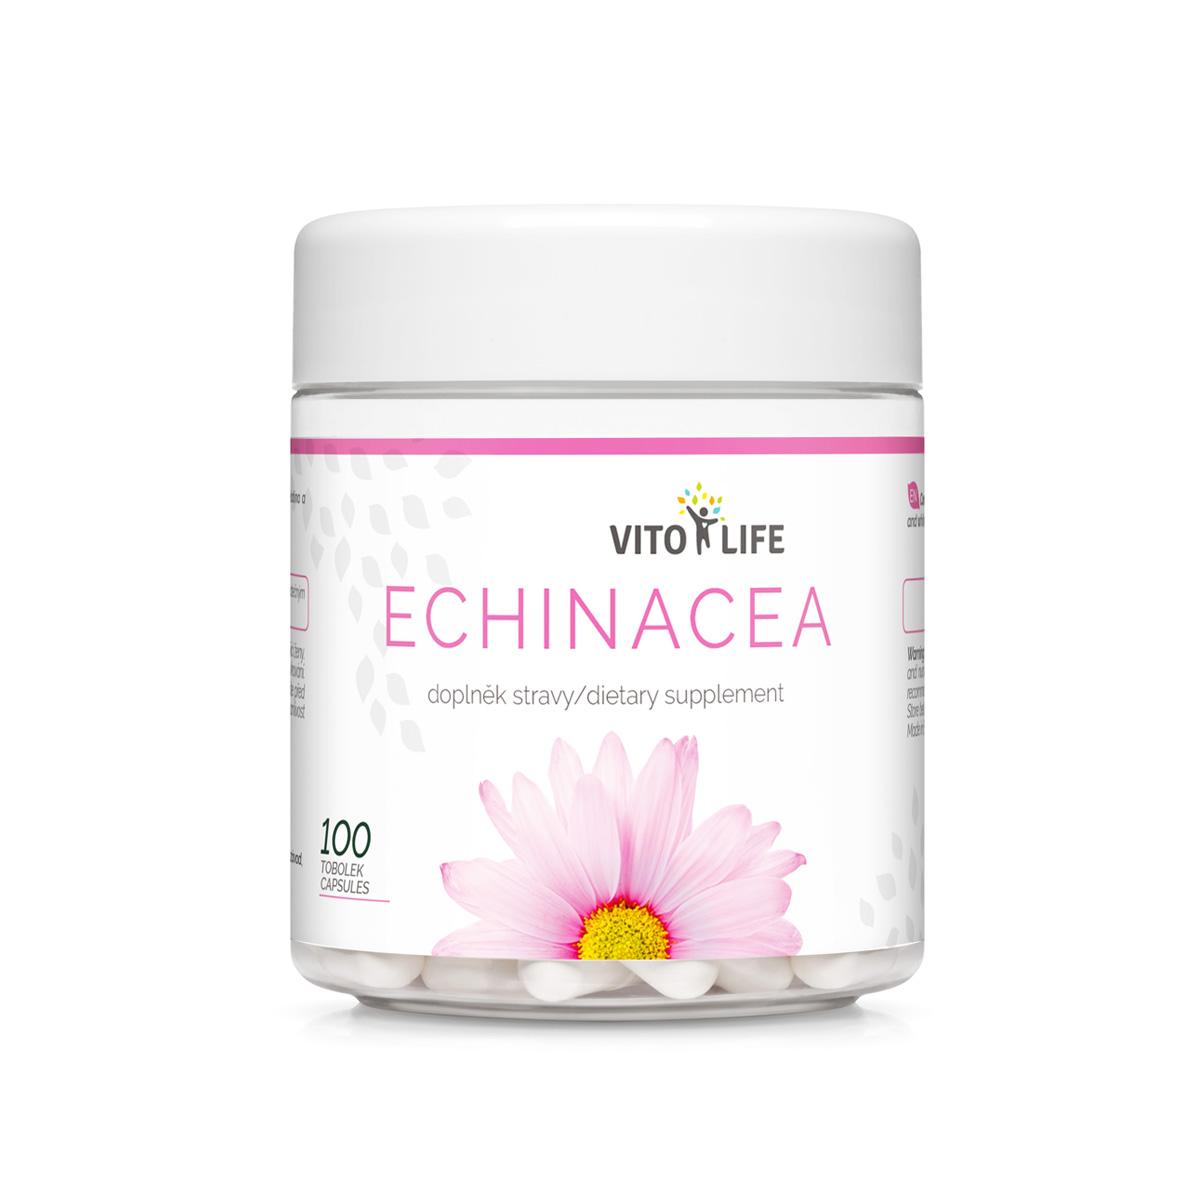 Vito Life Echinacea 400 mg 100 cps